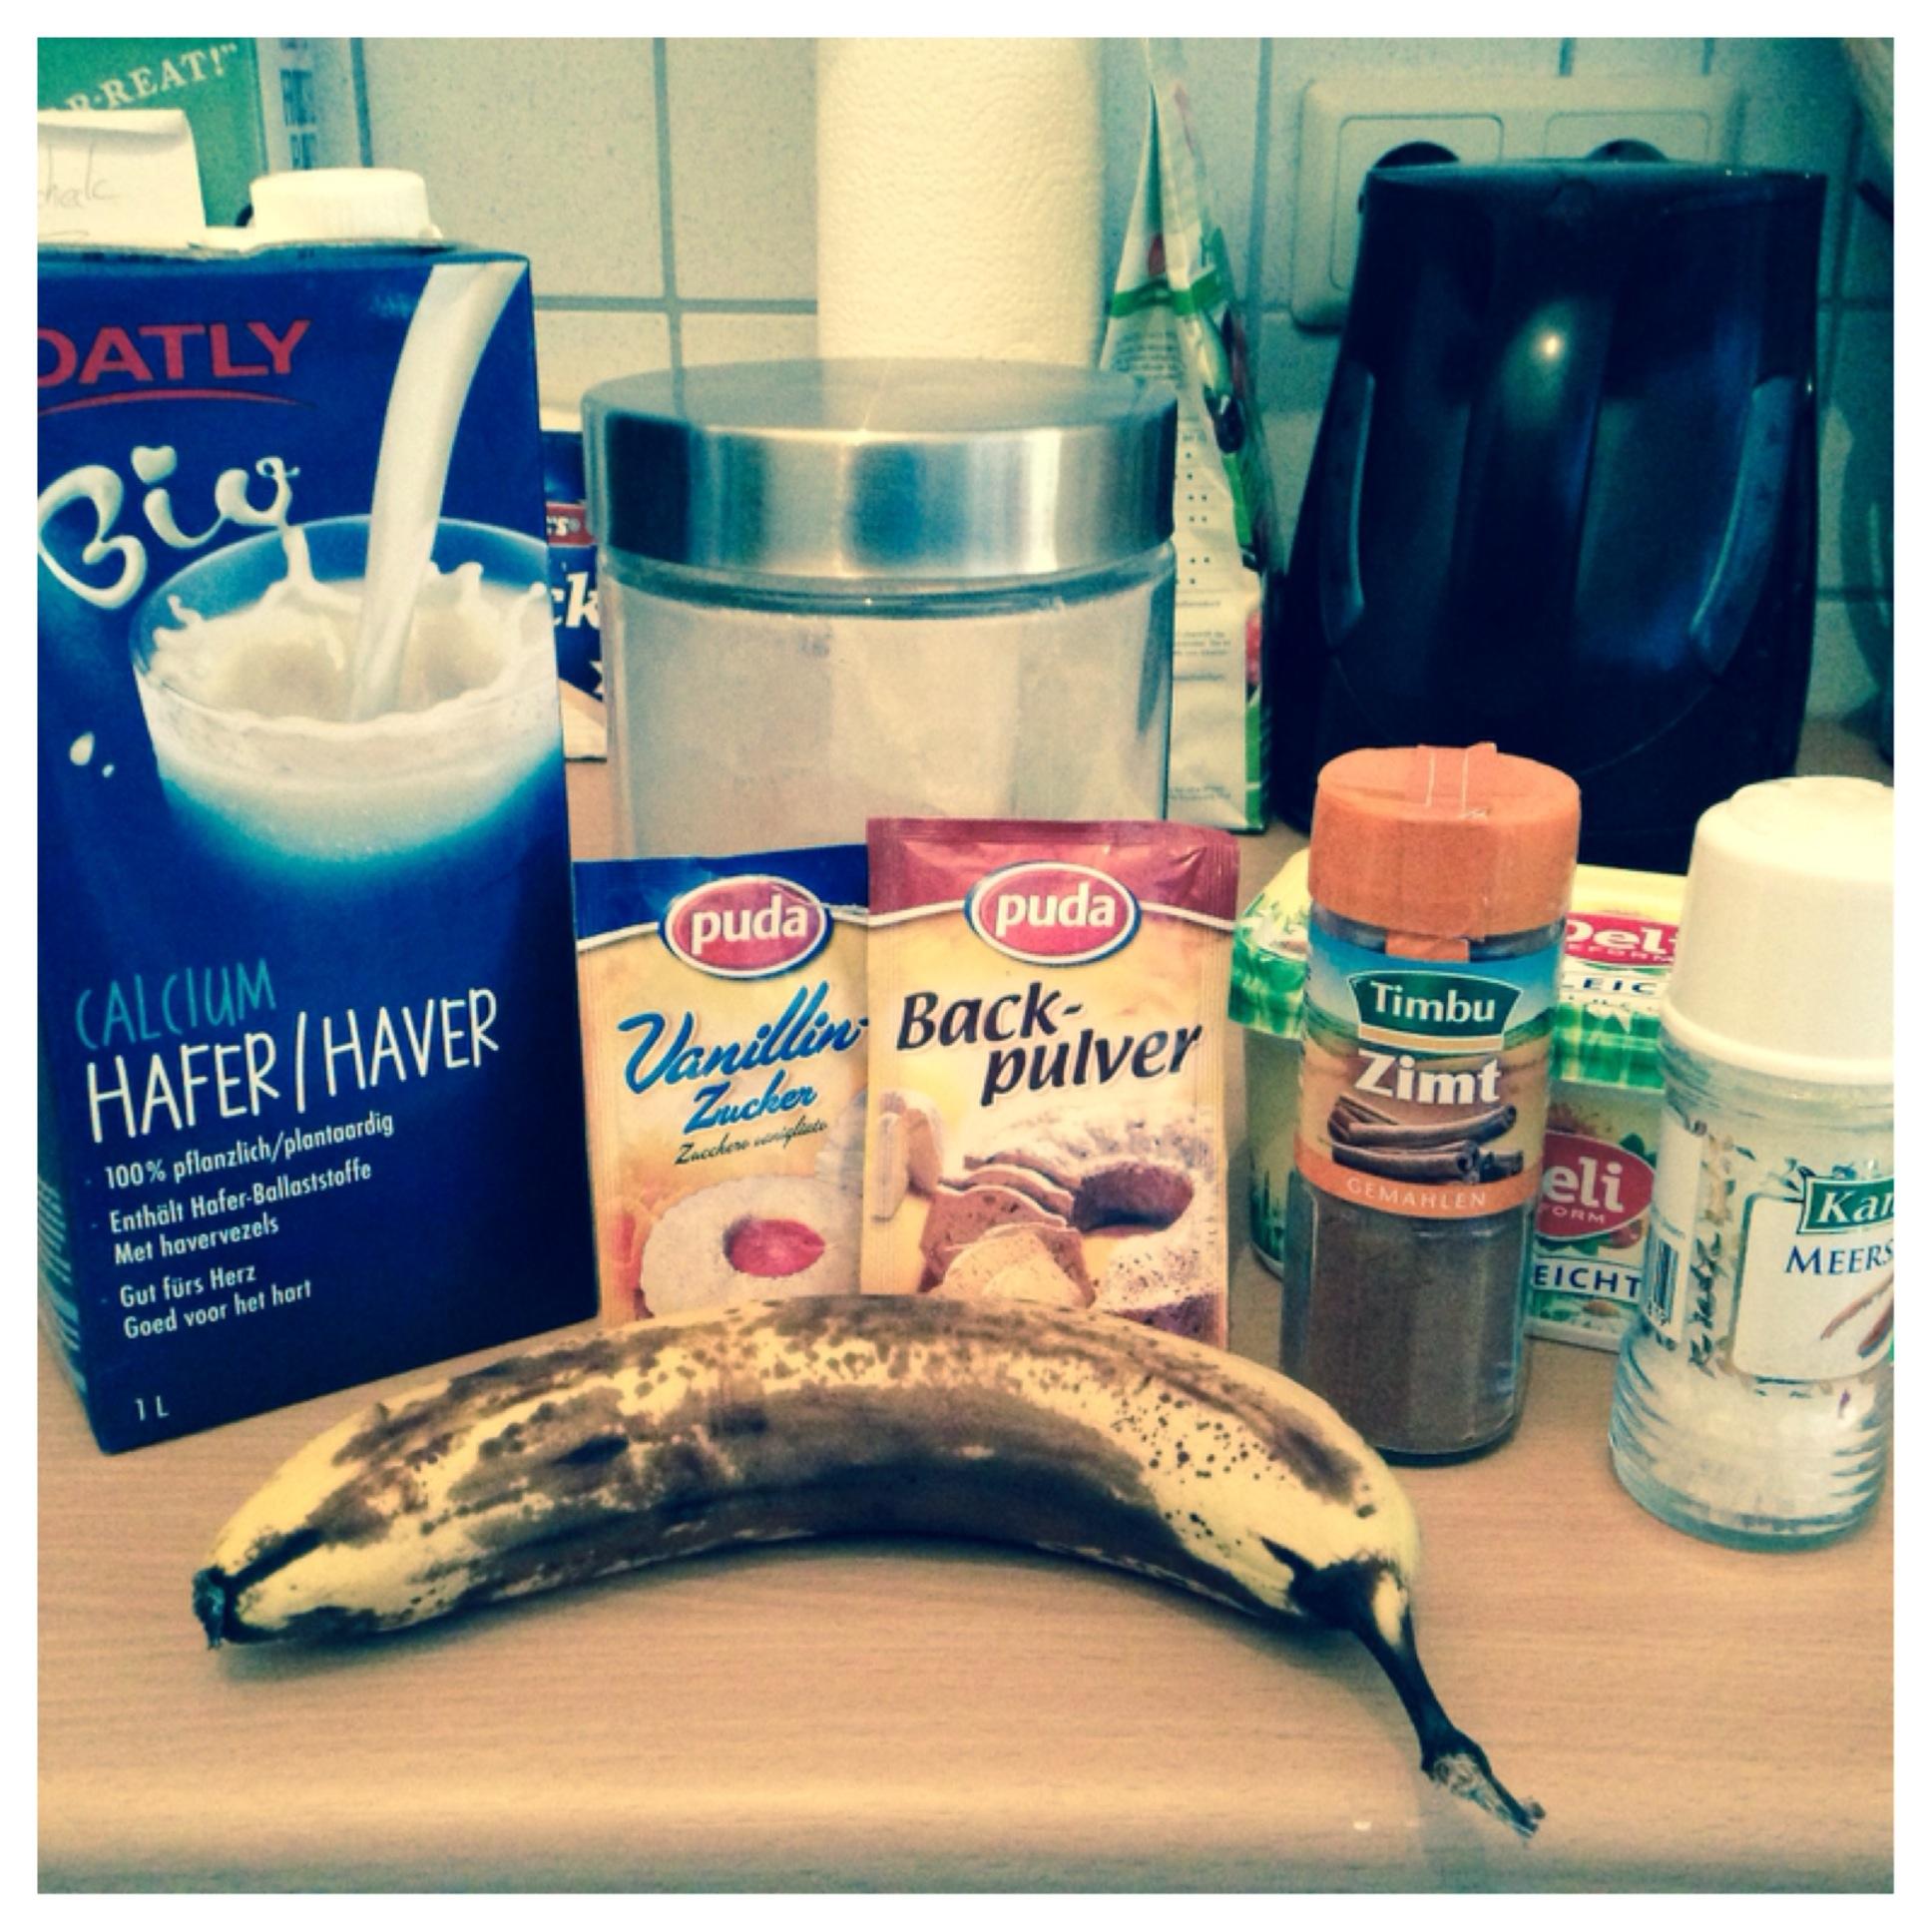 Hafermilch, Vanillezucker, Backpulver, Zimt, Salz, Banane, Zutaten, Mehl, Eierkuchen, Pfannkuchen, vegan